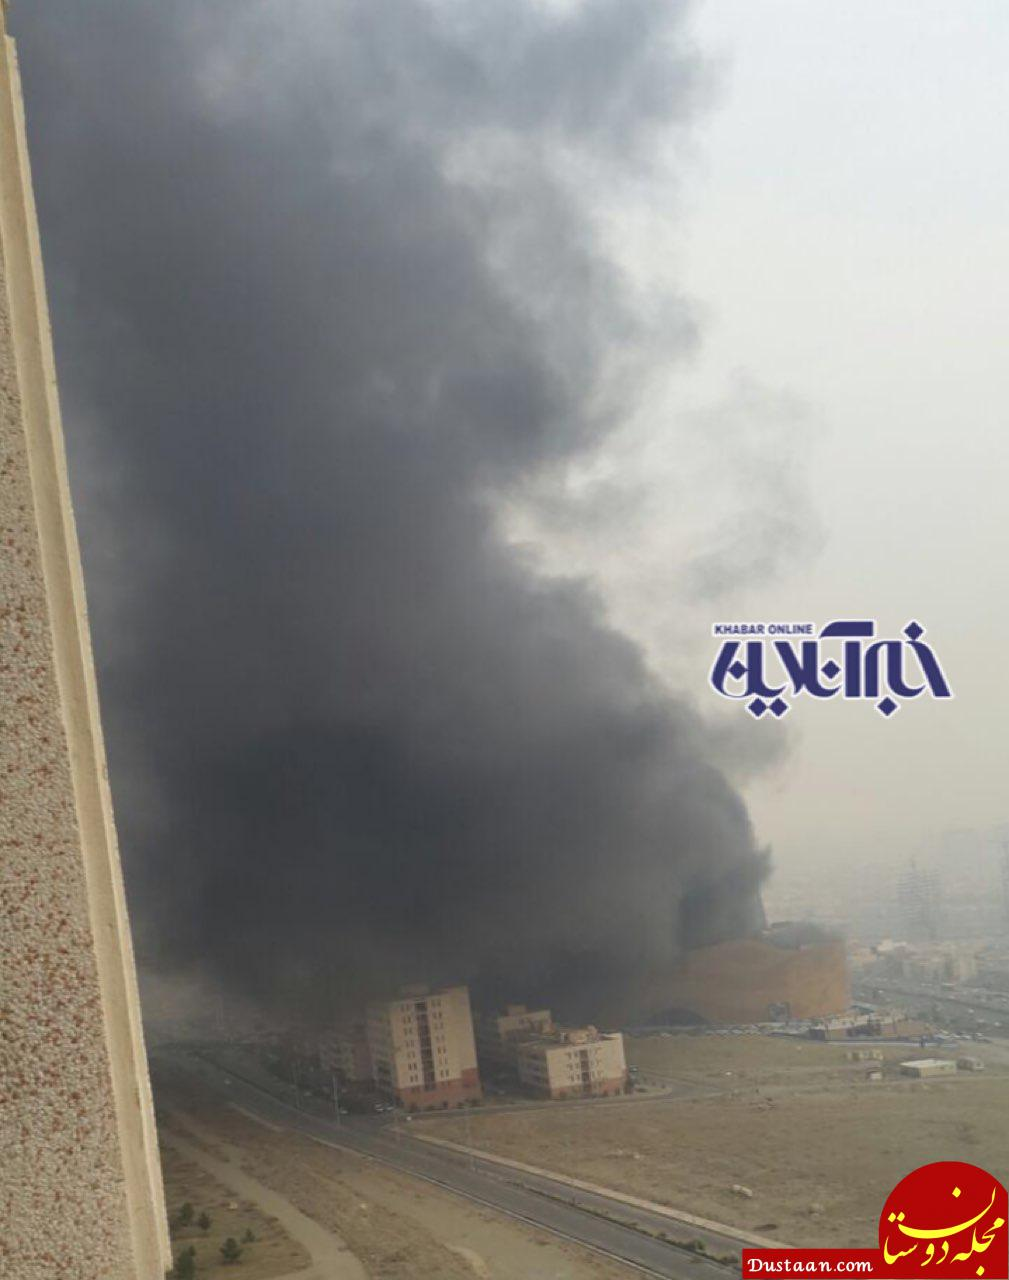 www.dustaan.com 50 نفر در آتش سوزی در مجموعه رزمال گرفتار شده اند